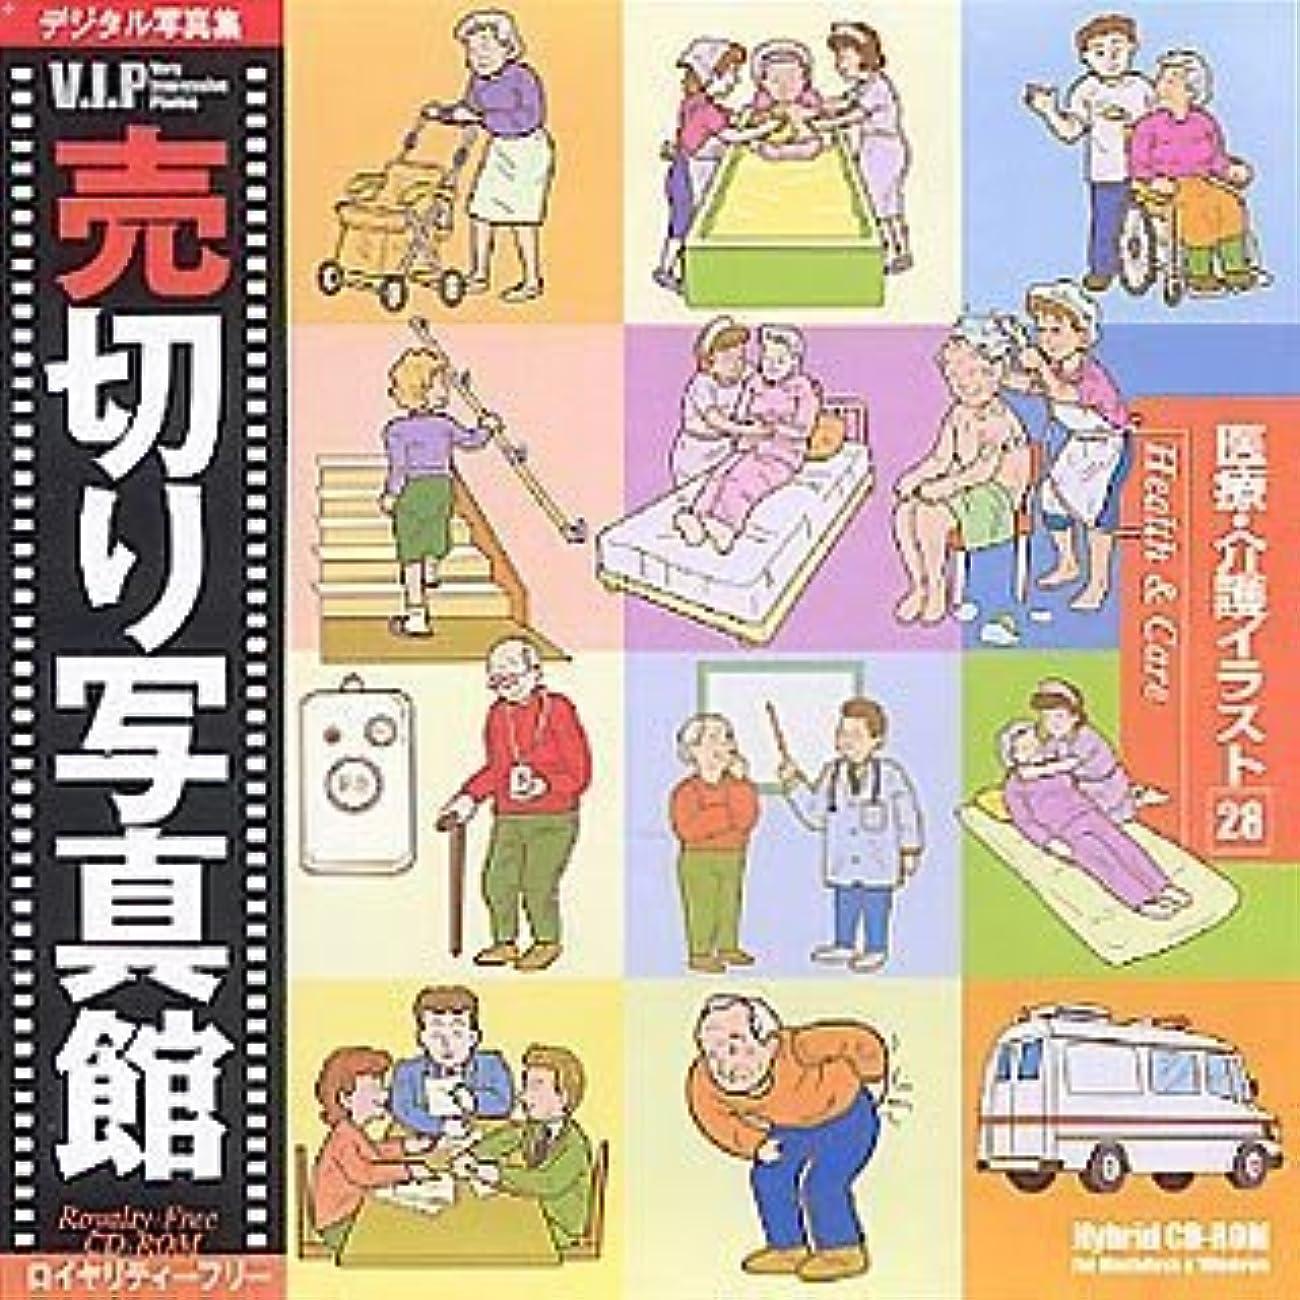 スポット告白する日食売切り写真館 VIPシリーズ Vol.28 医療?介護イラスト